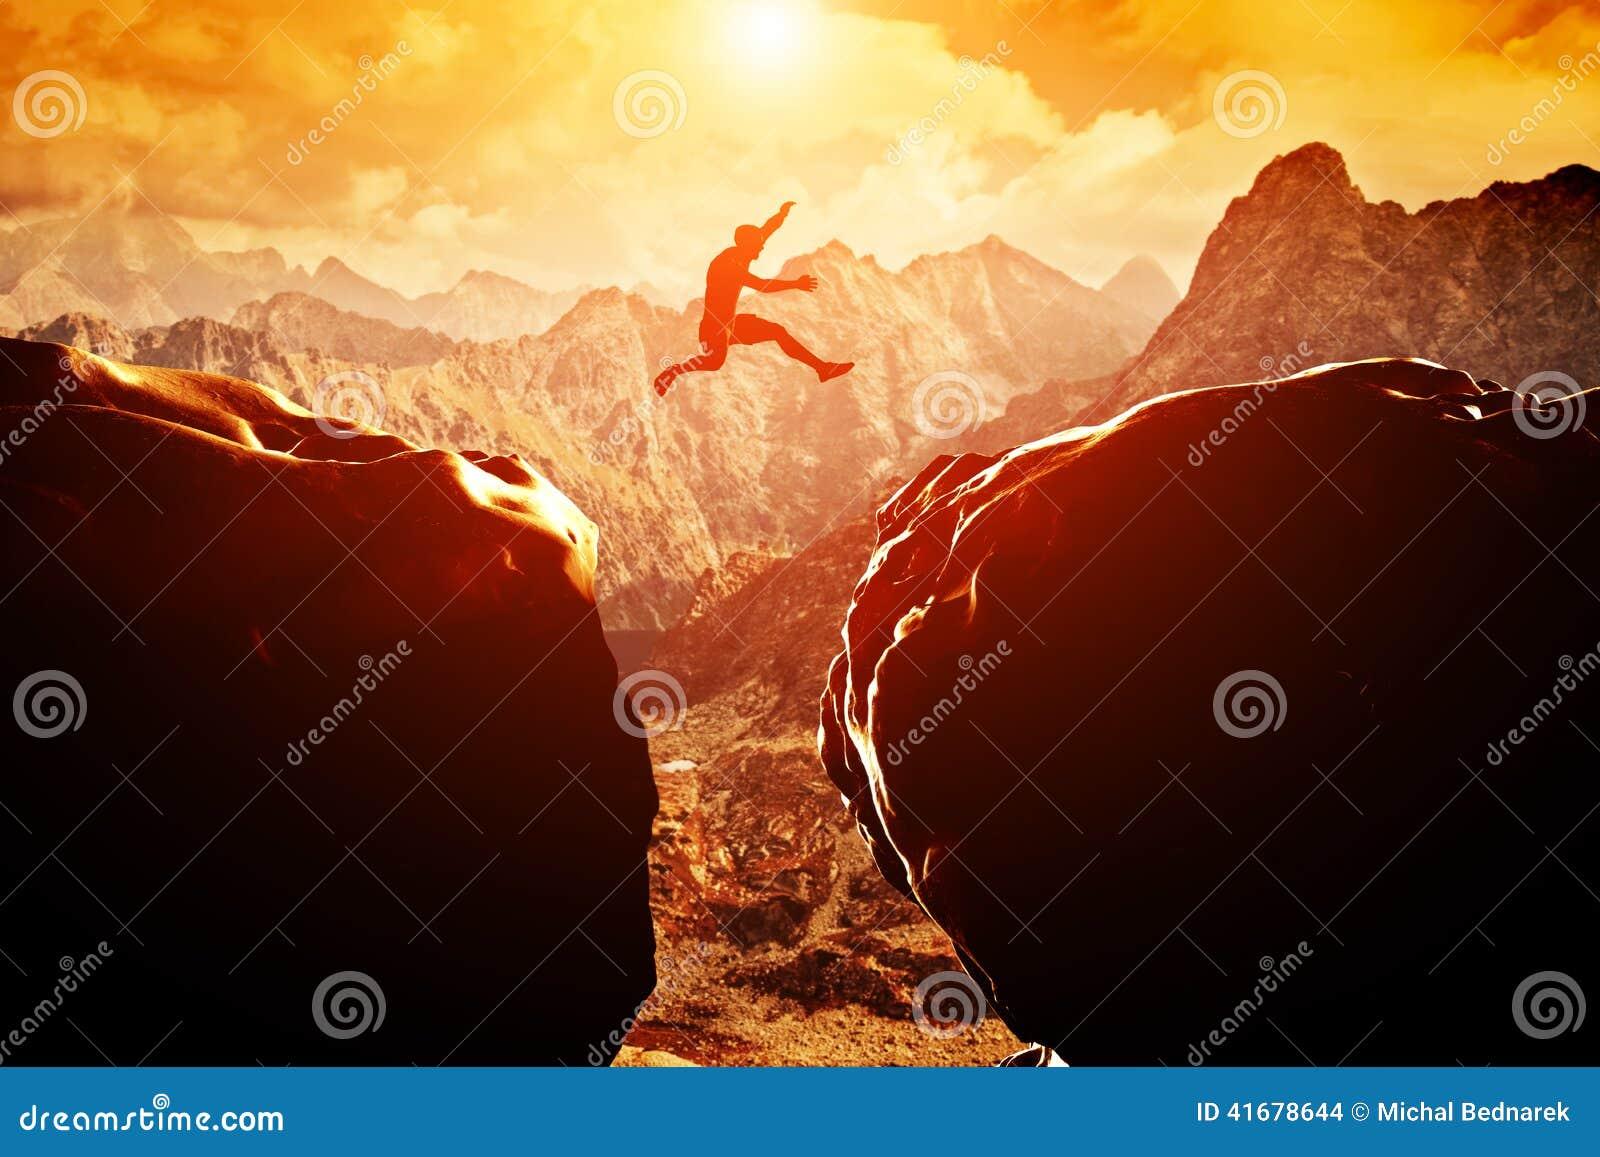 Der Mann springend über Abgrund zwischen zwei Berge